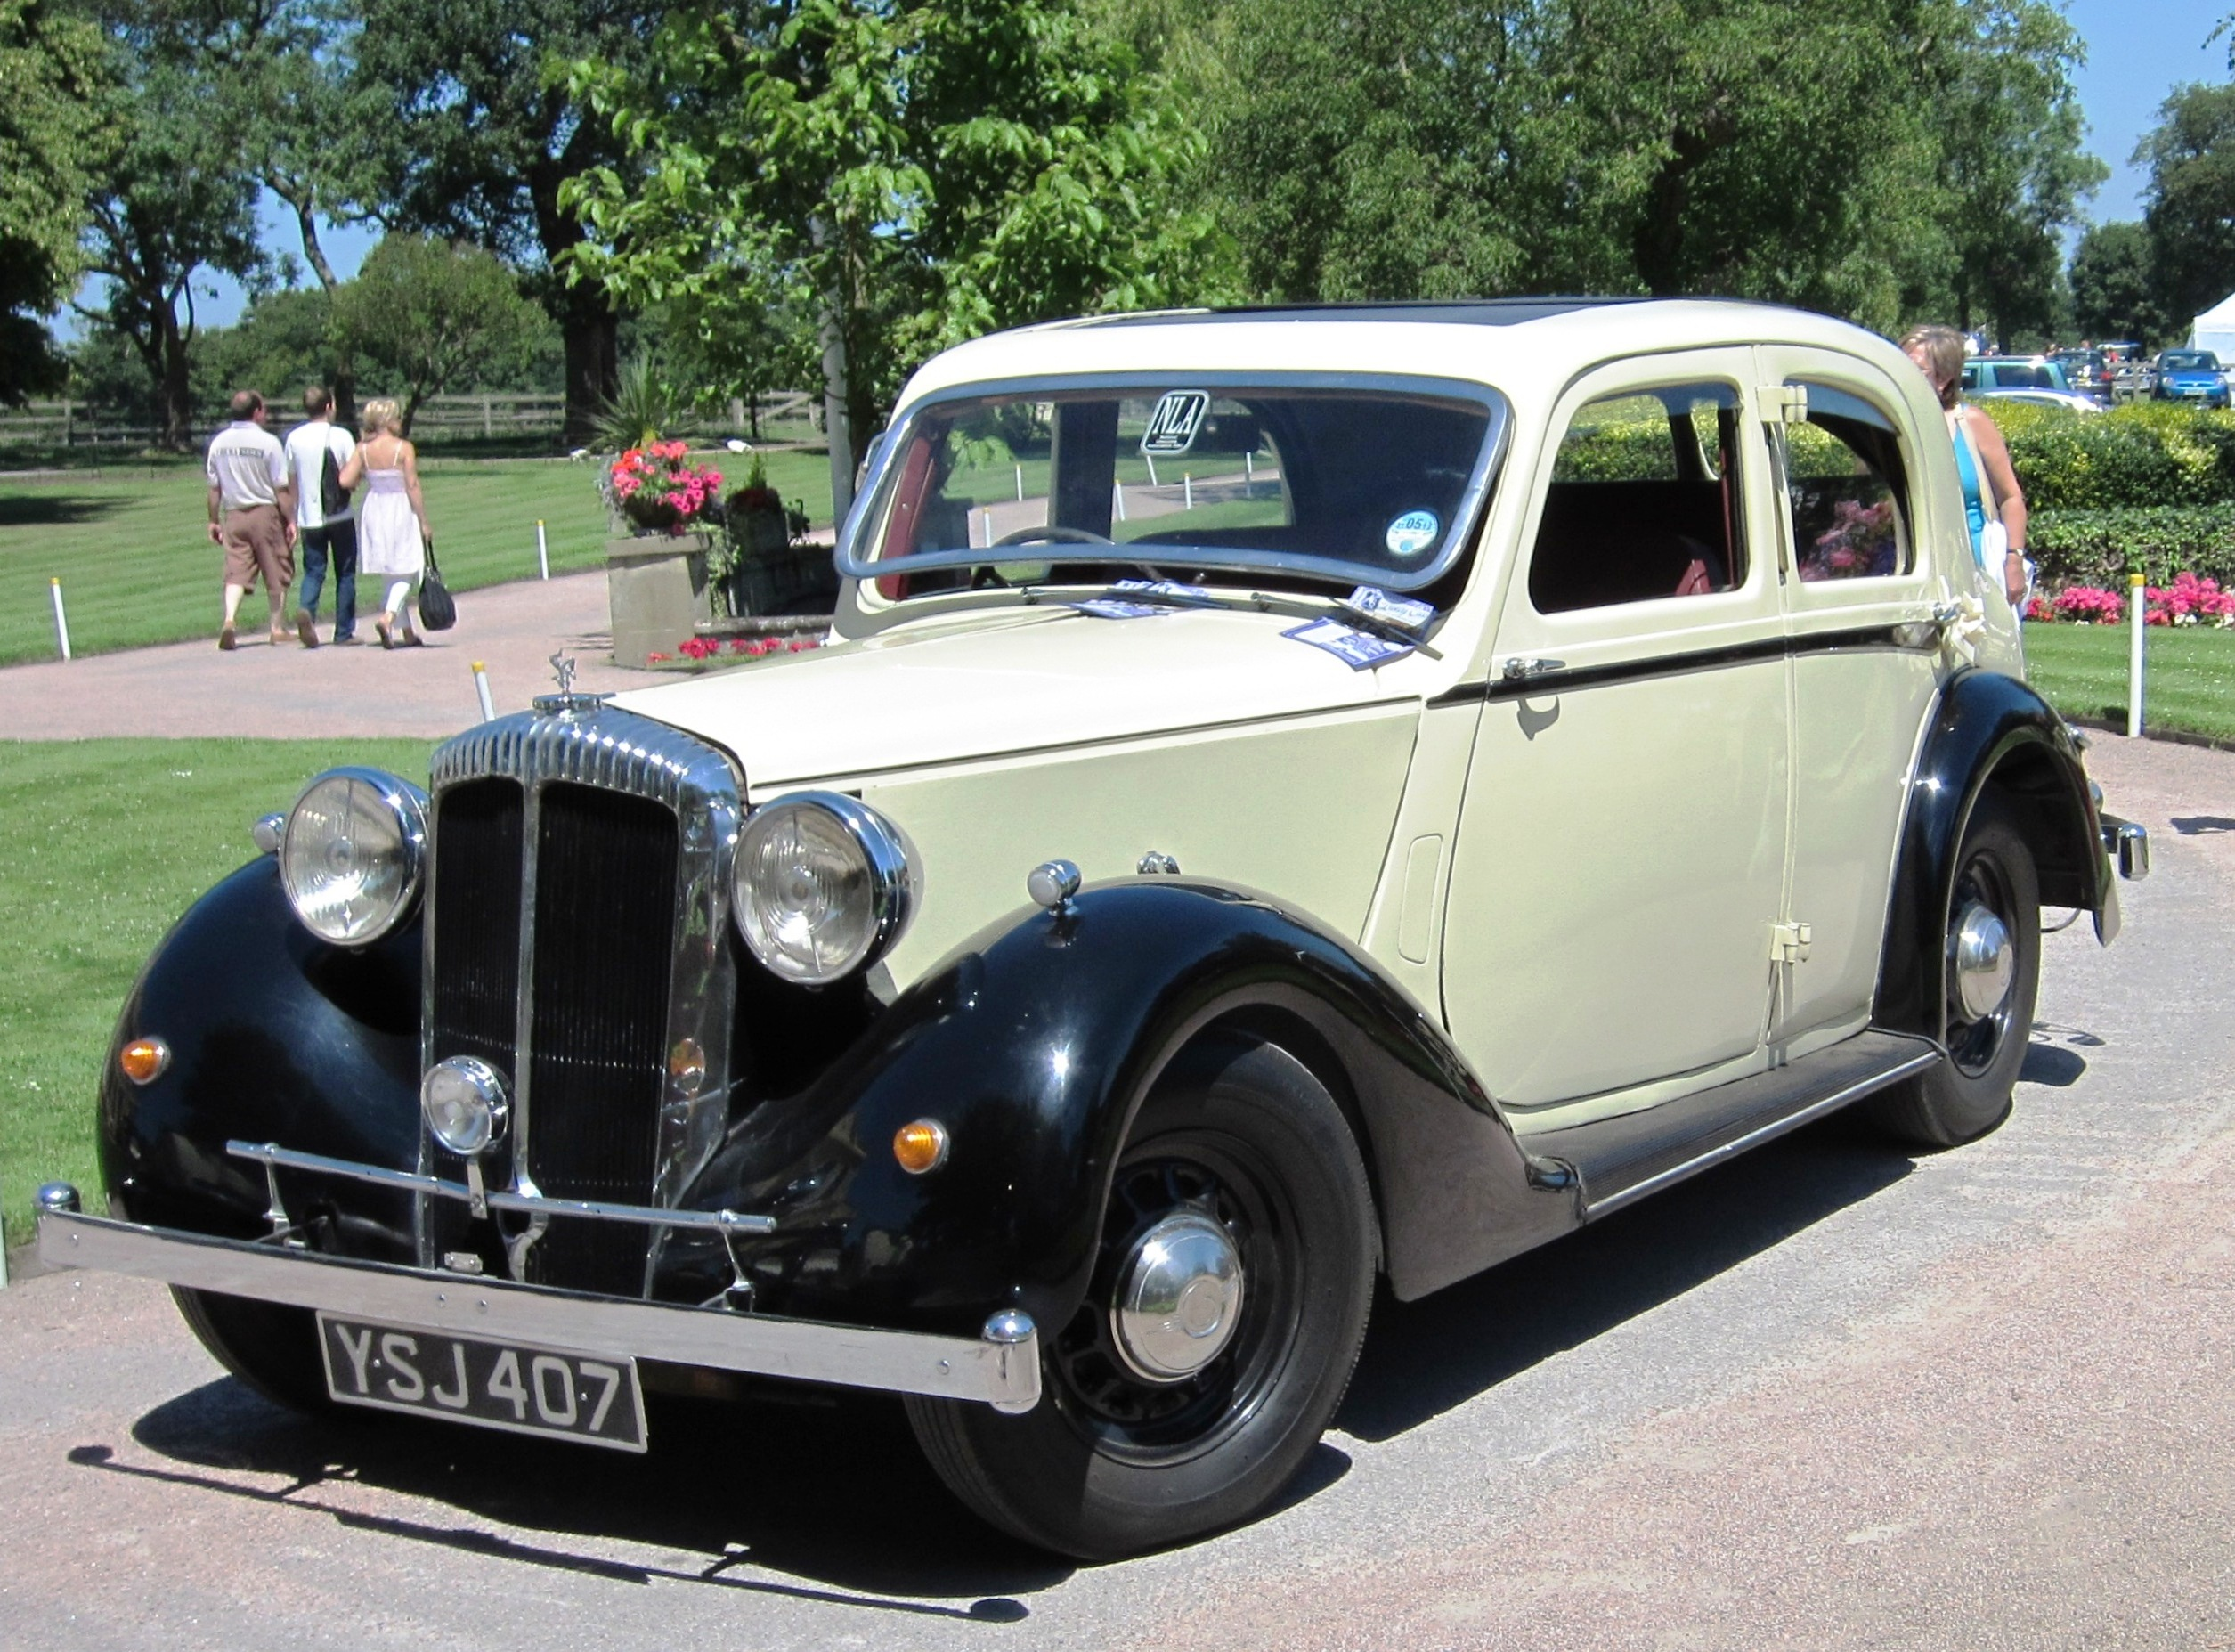 File:Daimler mfd 1937 first registered UK Jan 1999 New 15